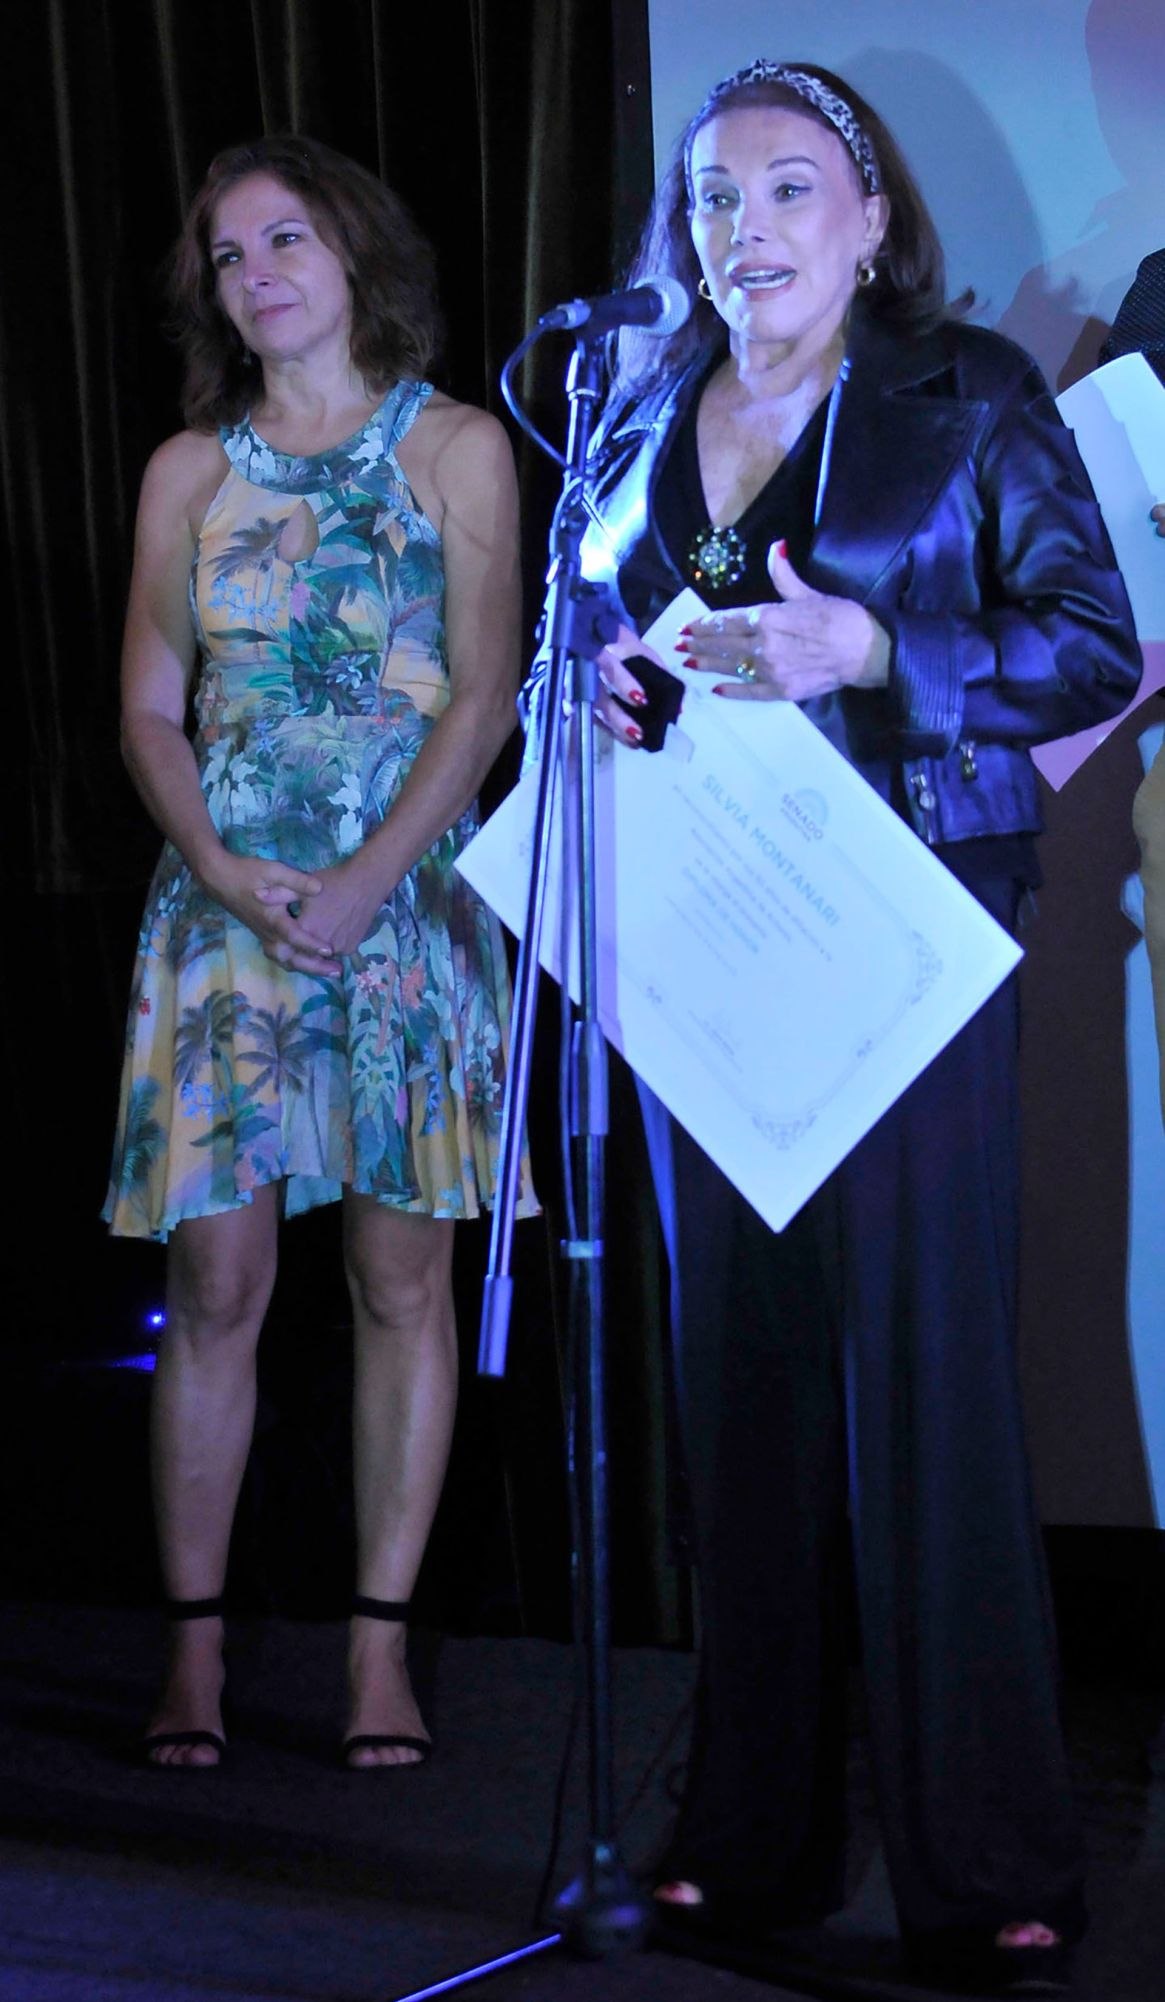 Silvia Montanari con su diploma de los Premios Podestá; detrás, Alejandra Darín, de la Asociación Argentina de Actores